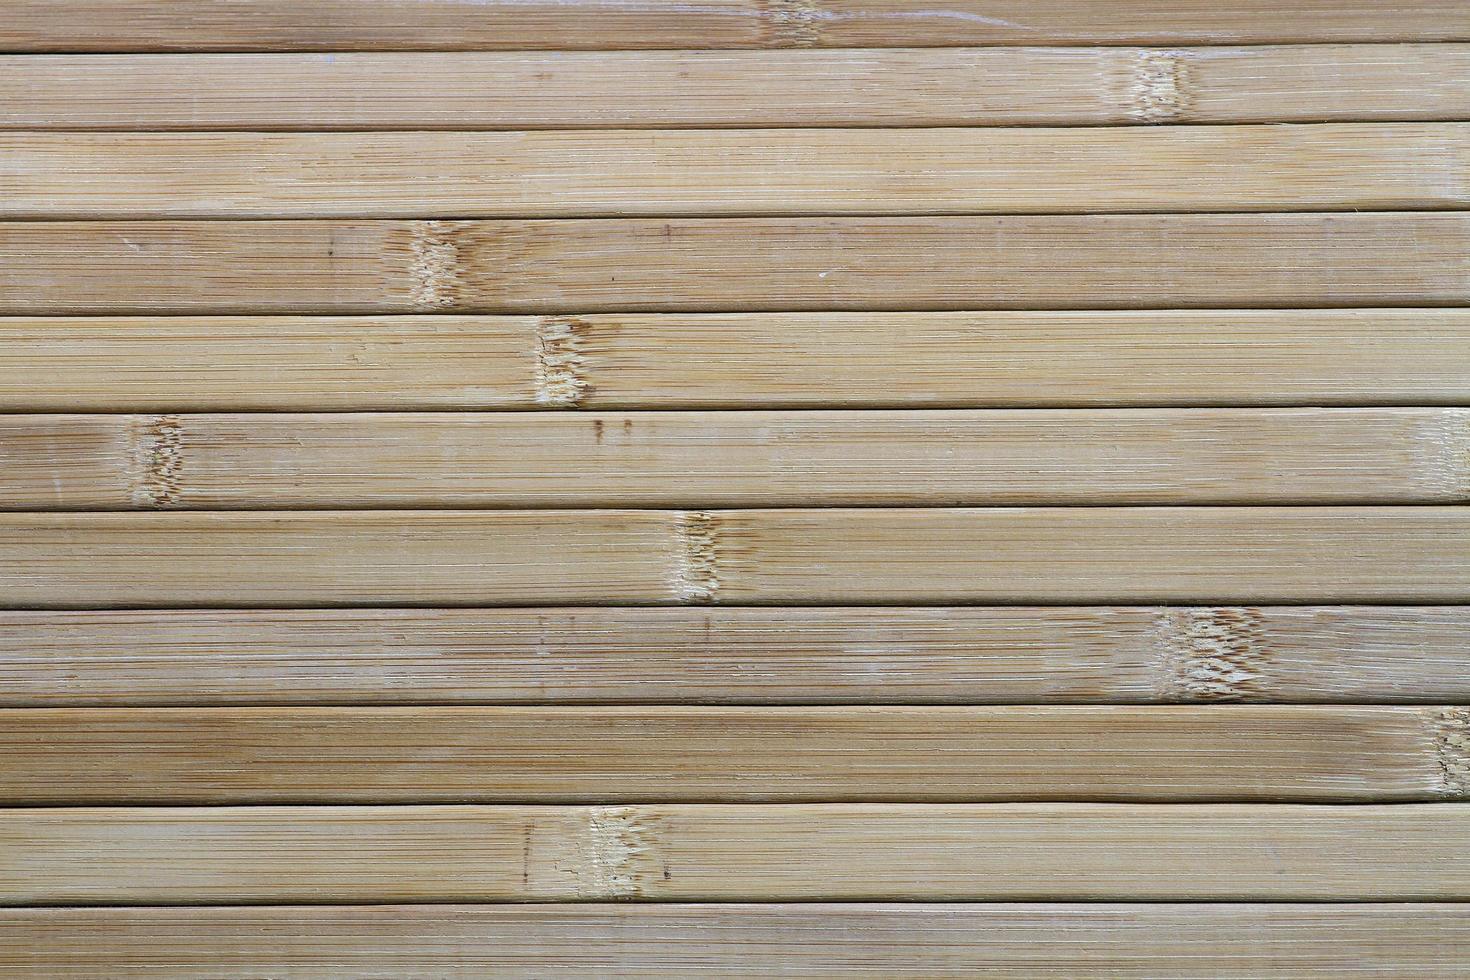 estores de madera maciza de calidad. foto